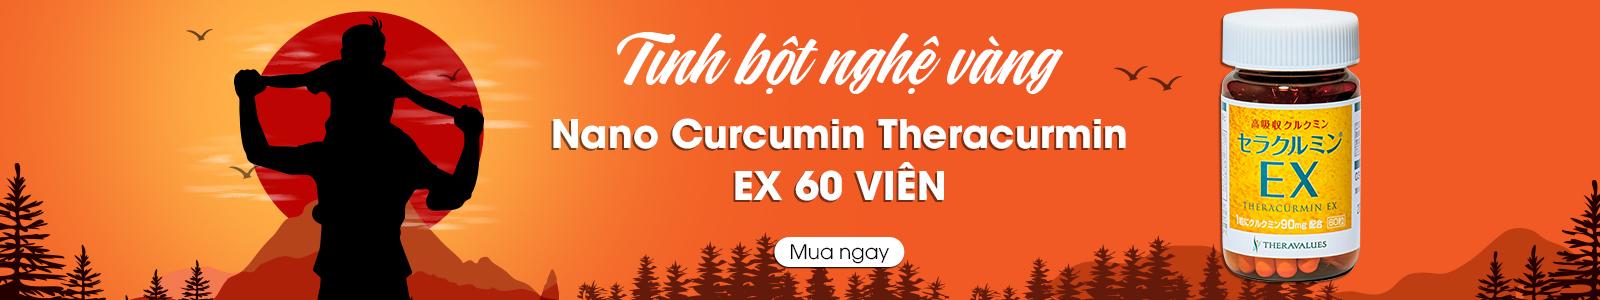 Tinh bột nghệ vàng Nano Curcumin Theracurmin EX 60 viên